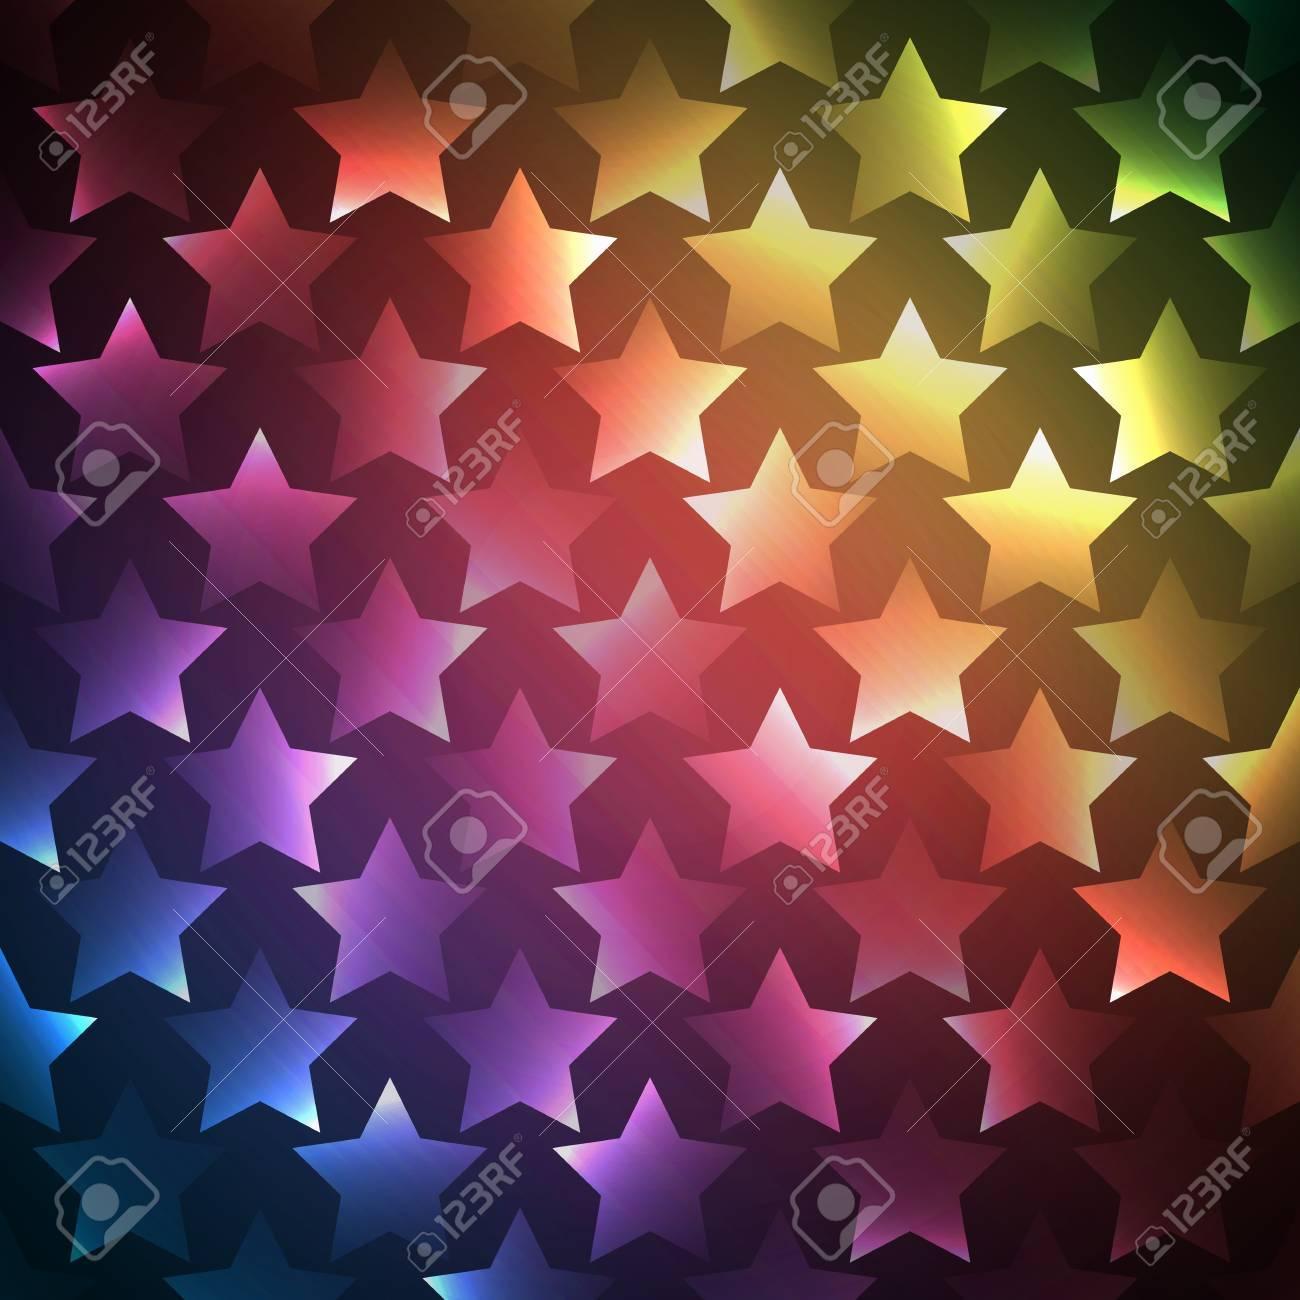 Zusammenfassung Helle Spektrum Tapete Vektor Illustration Für